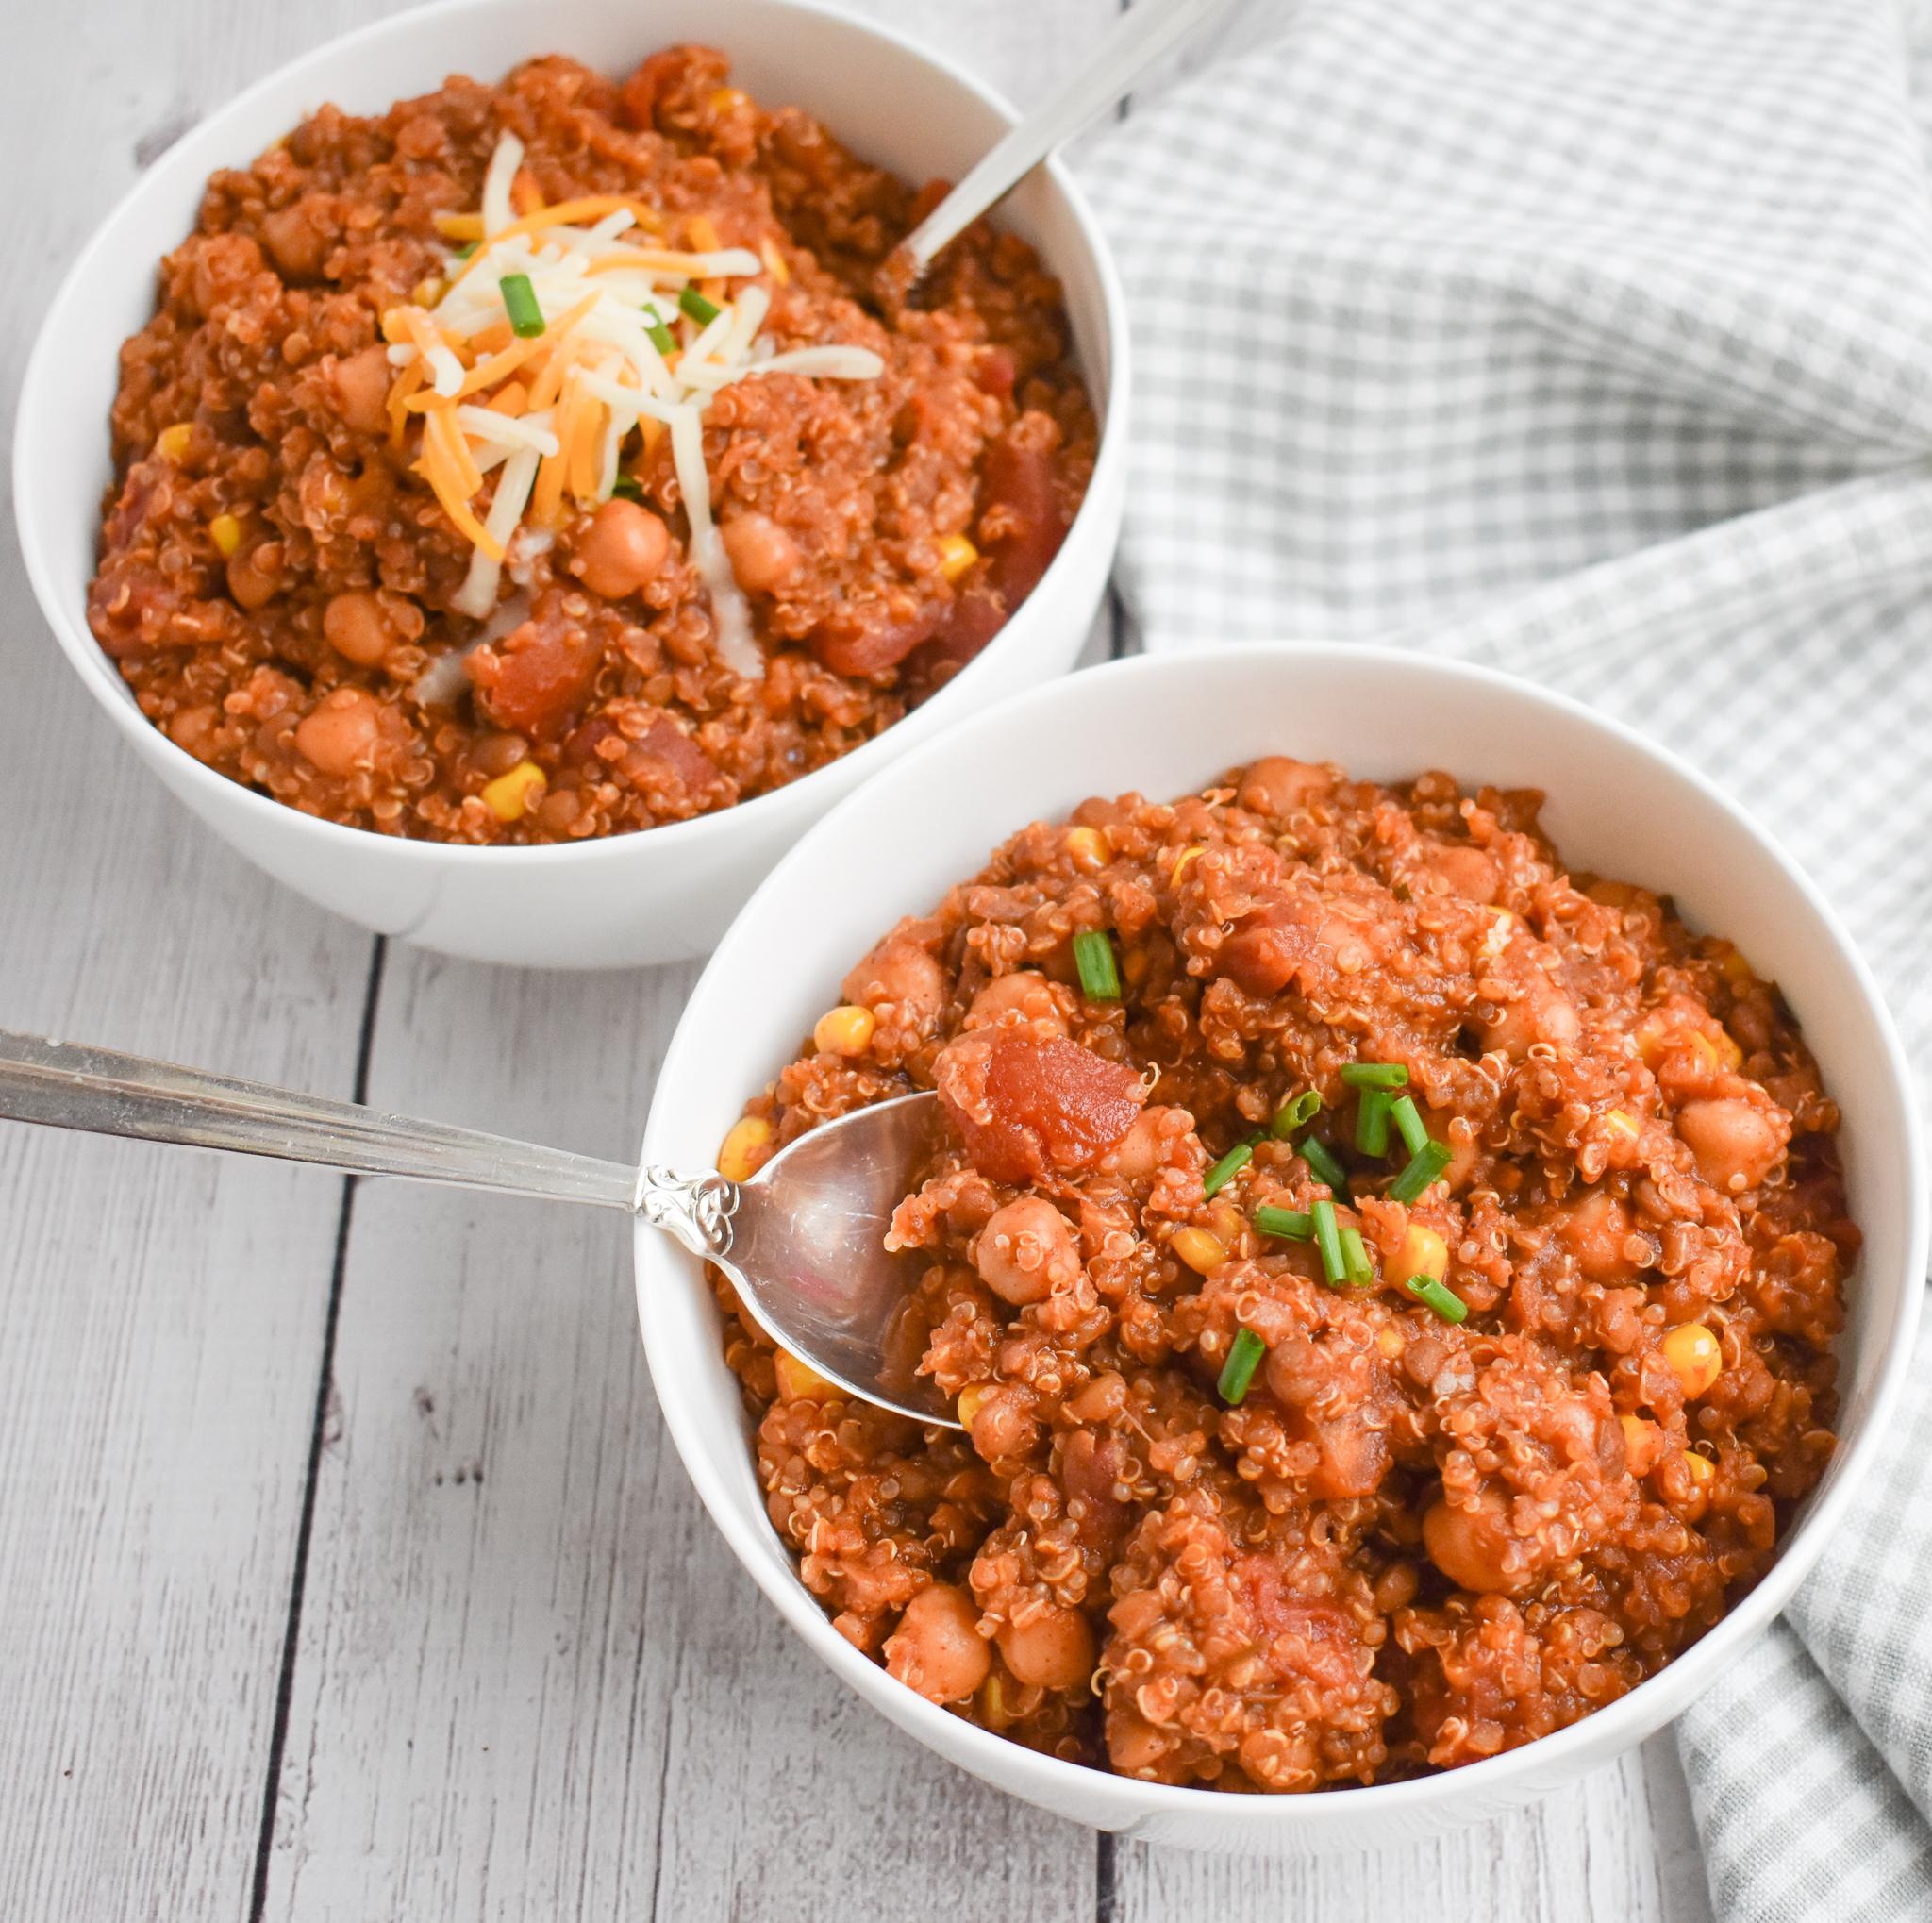 Low Fodmap Slow Cooker Vegan Meatless Chili With Quinoa Gluten Free Rachel Pauls Food